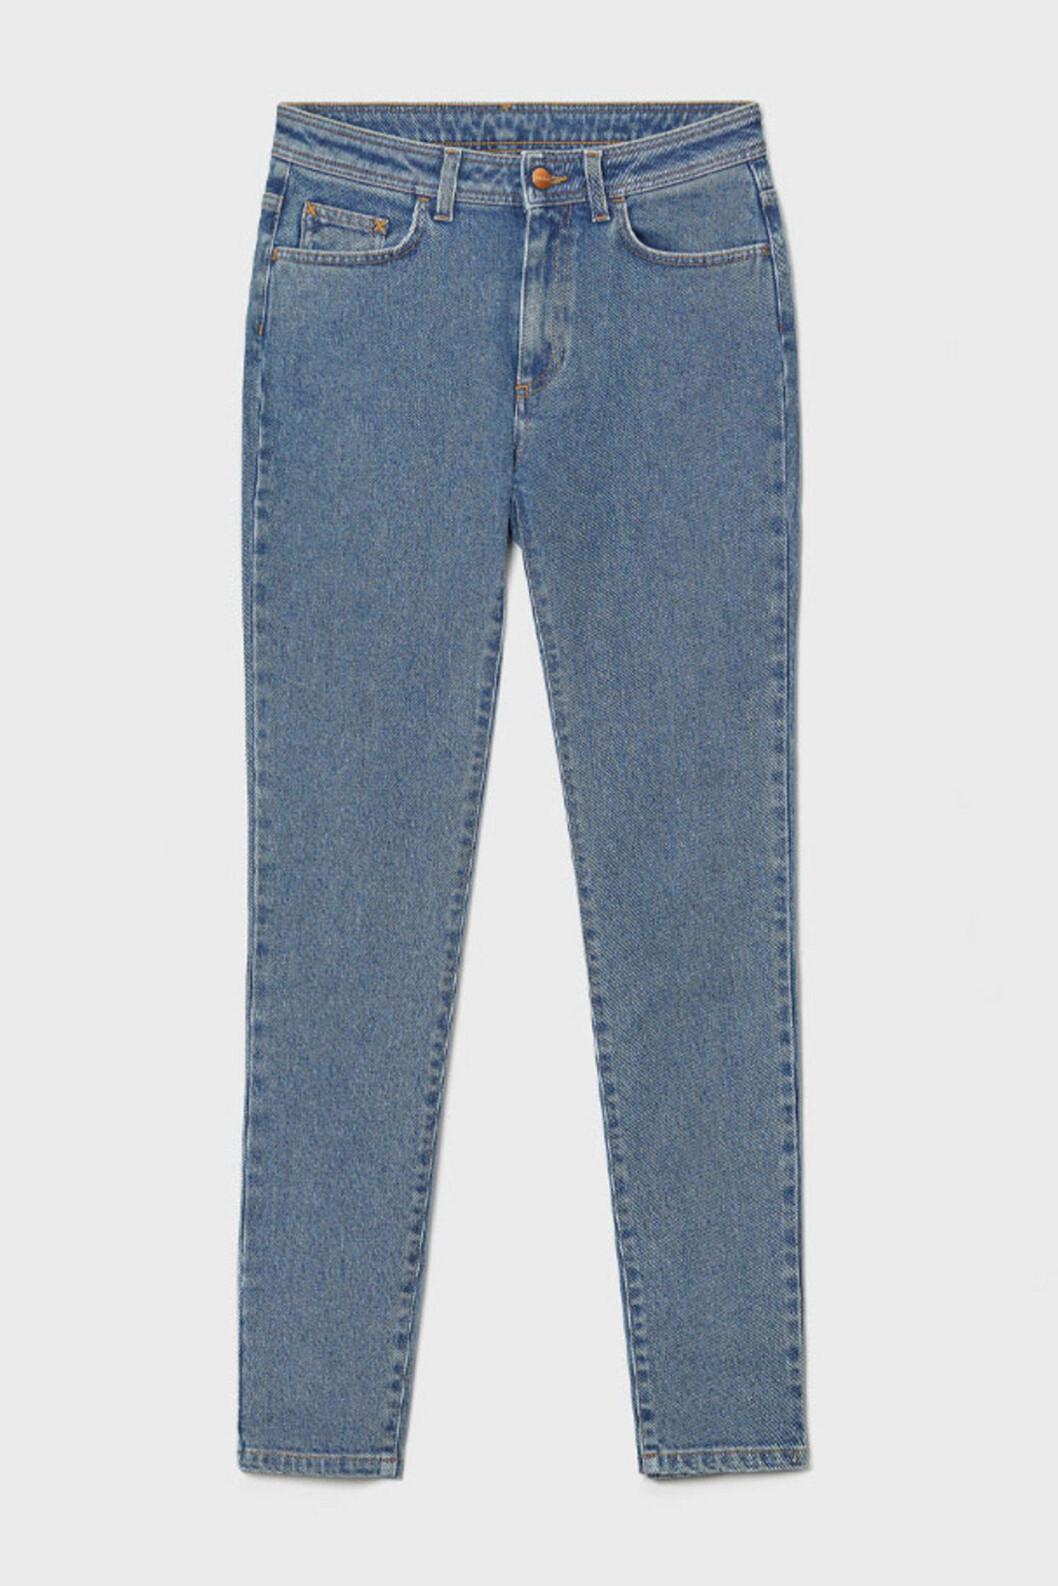 Ljusa jeans med smala ben för dam till våren 2020